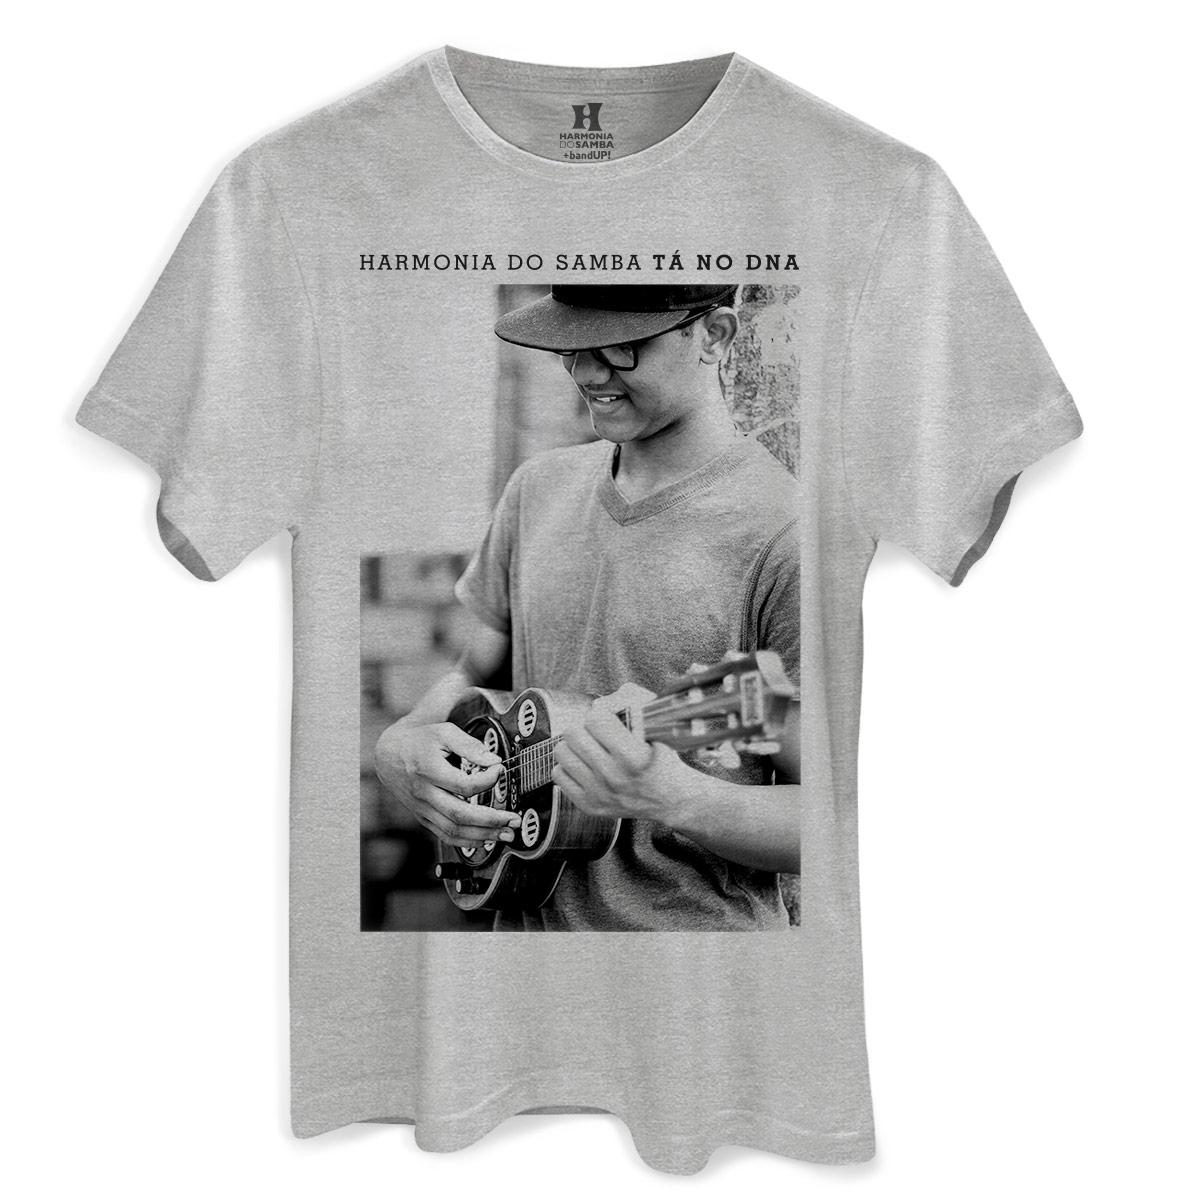 Camiseta Masculina Harmonia do Samba Molejinho